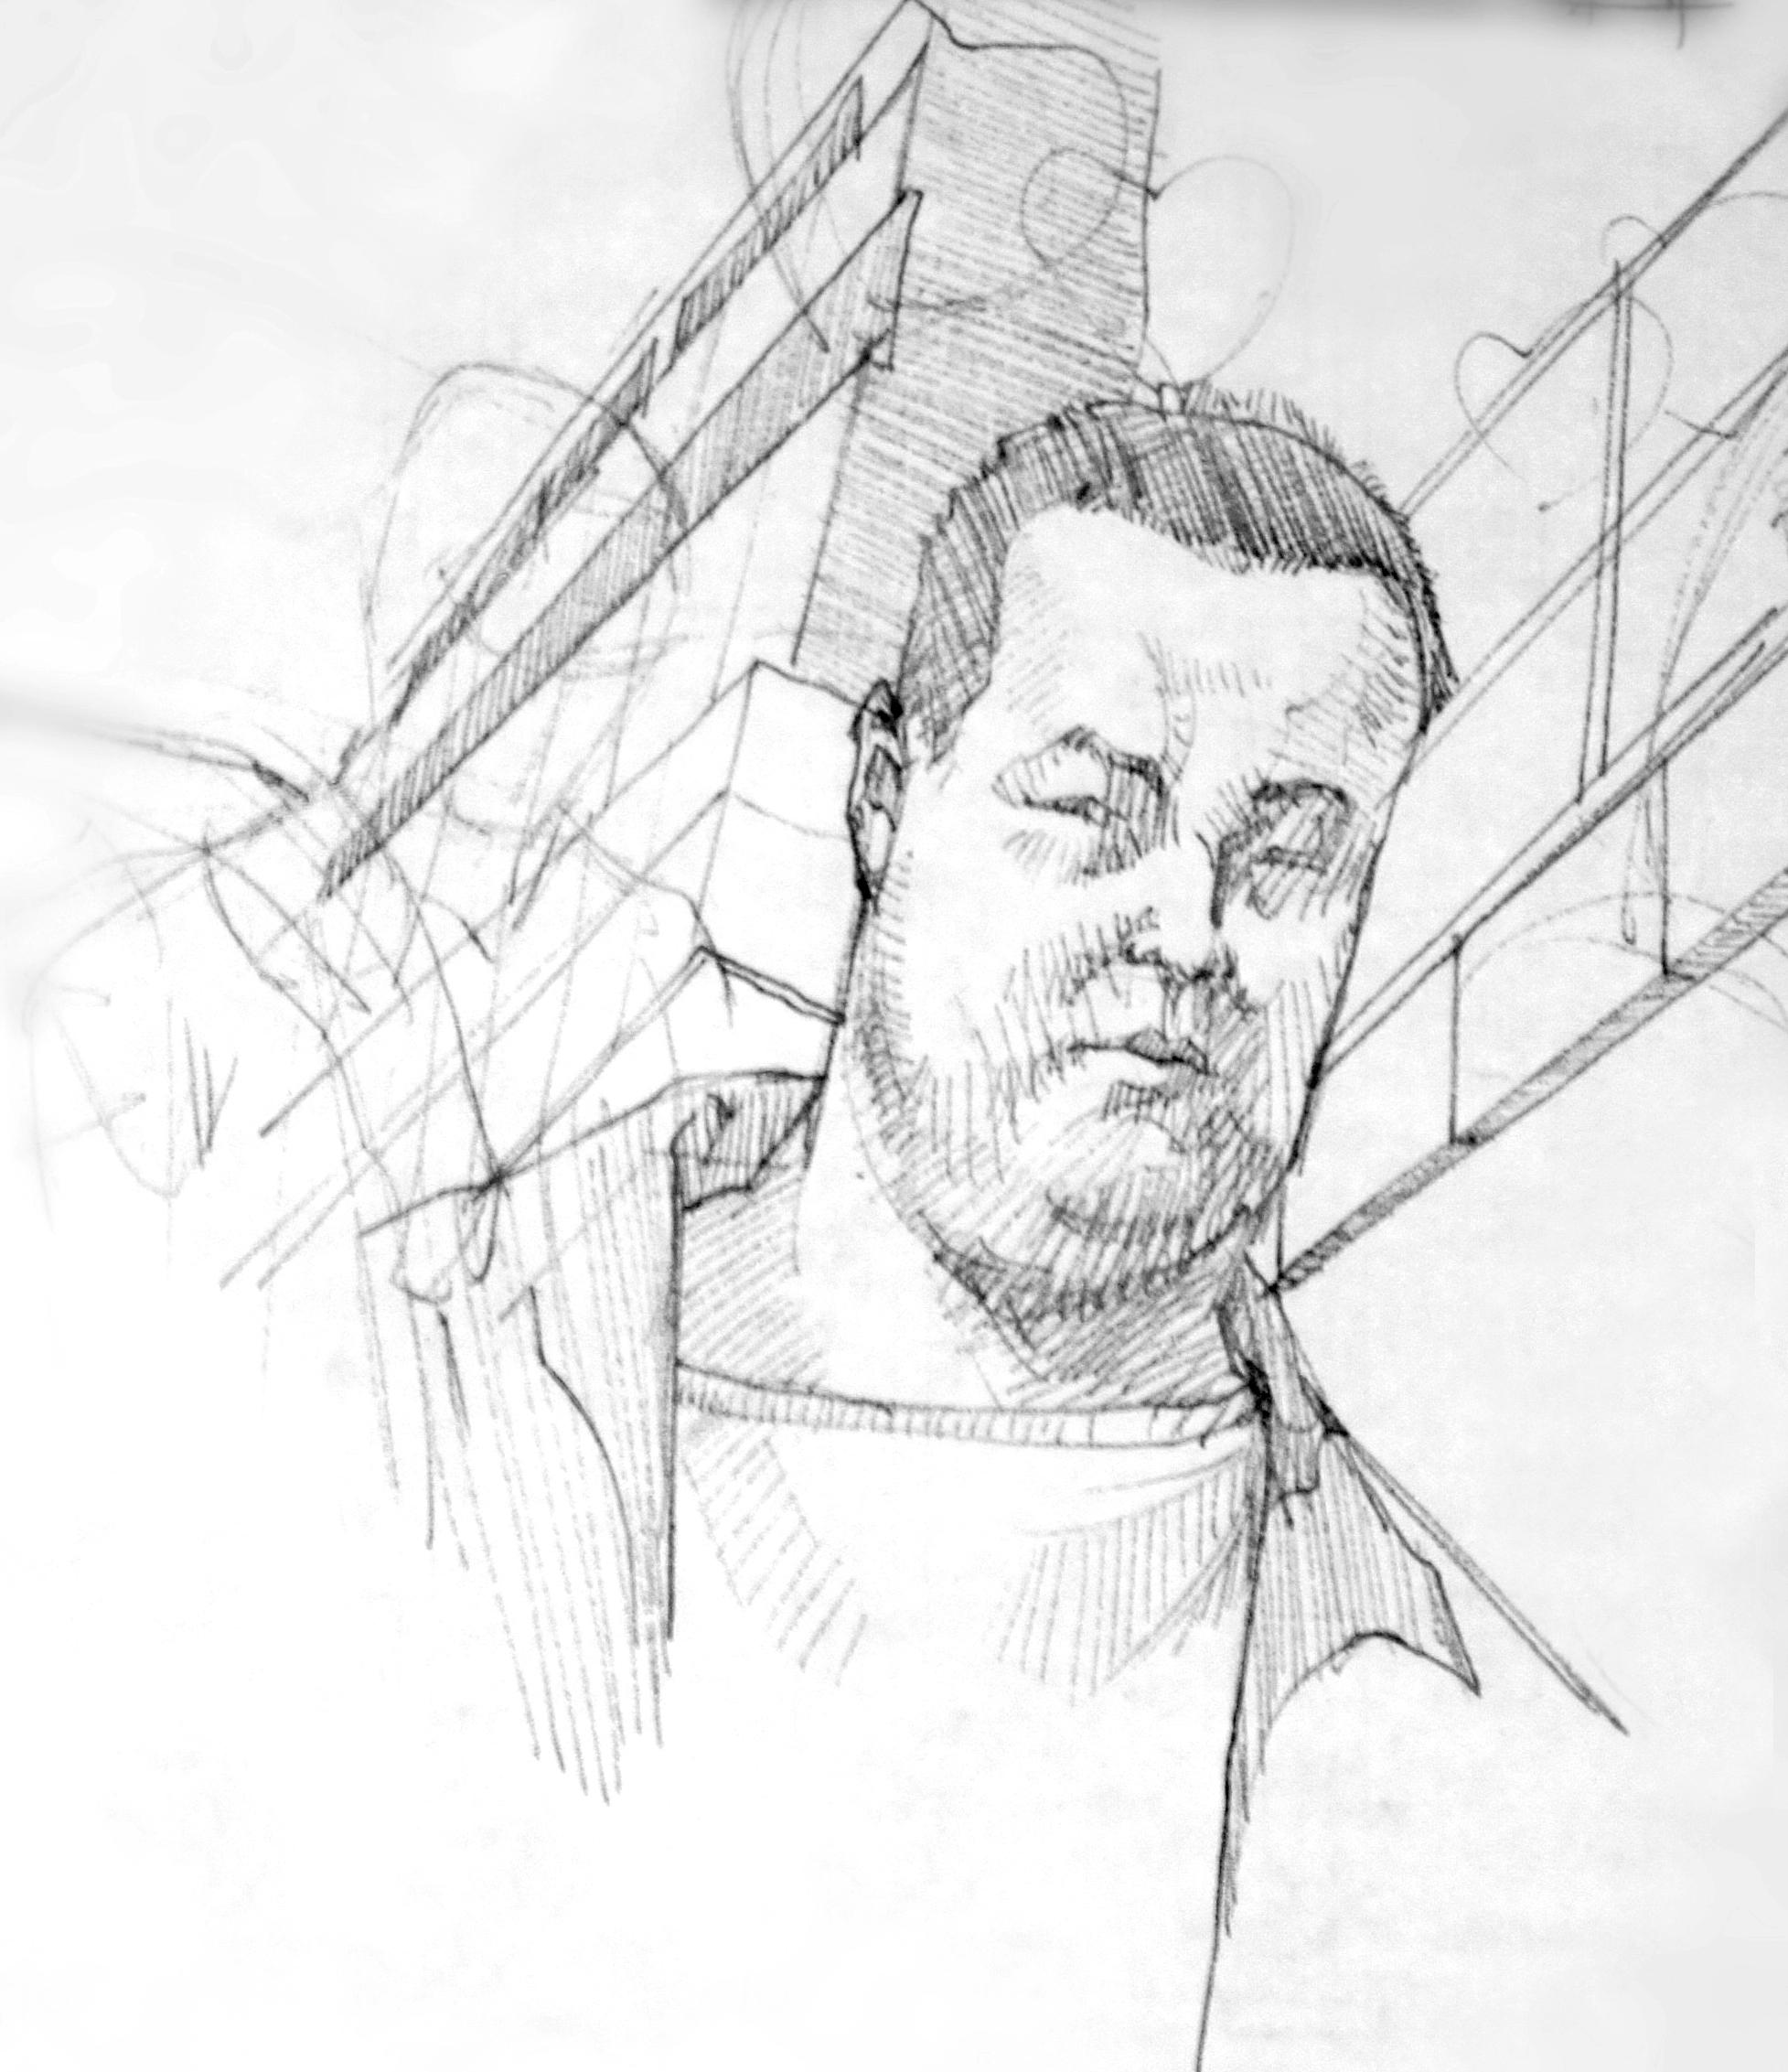 Sketch+06.JPG